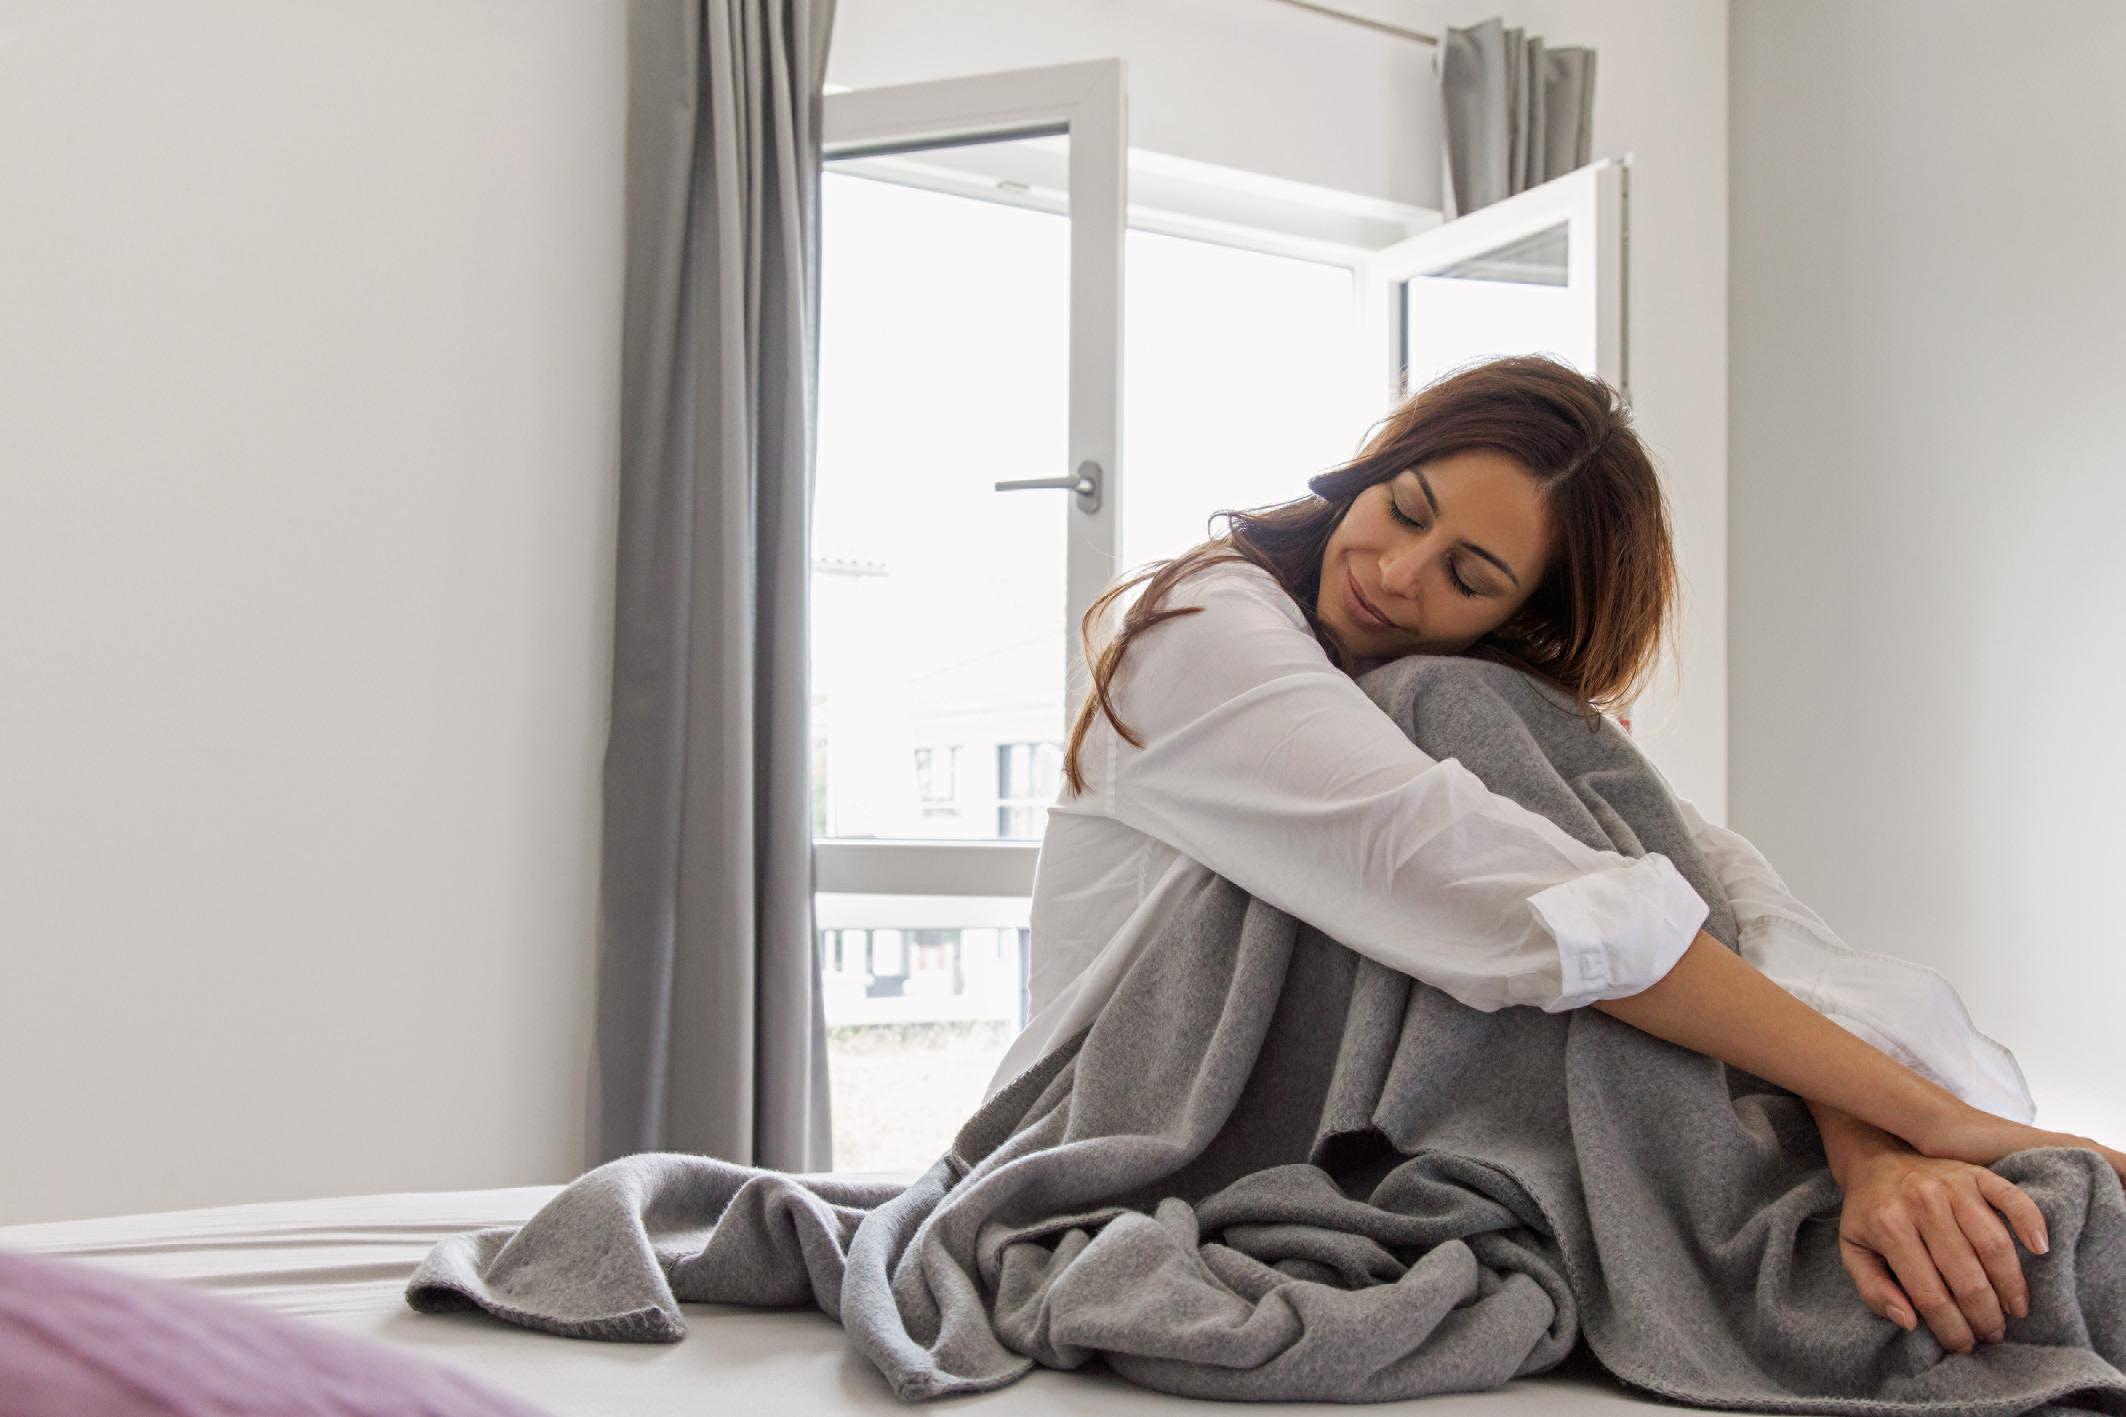 Sobald das Fenster zu ist, kann der Schlaf kommen © VFF/REHAU